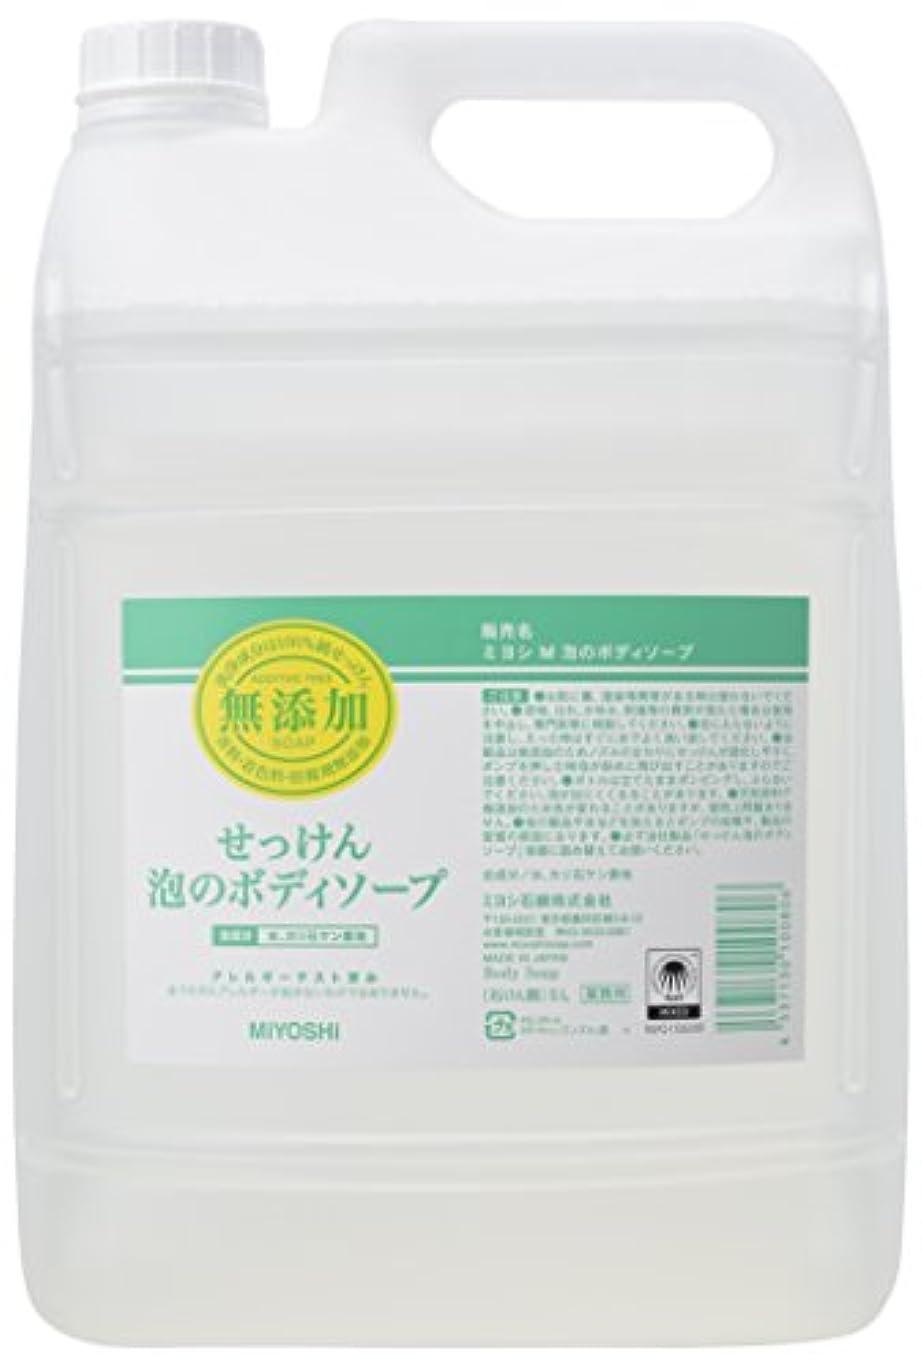 ゼロエコー思い出すミヨシ石鹸 無添加せっけん 泡のボディソープ 詰替え用 5L